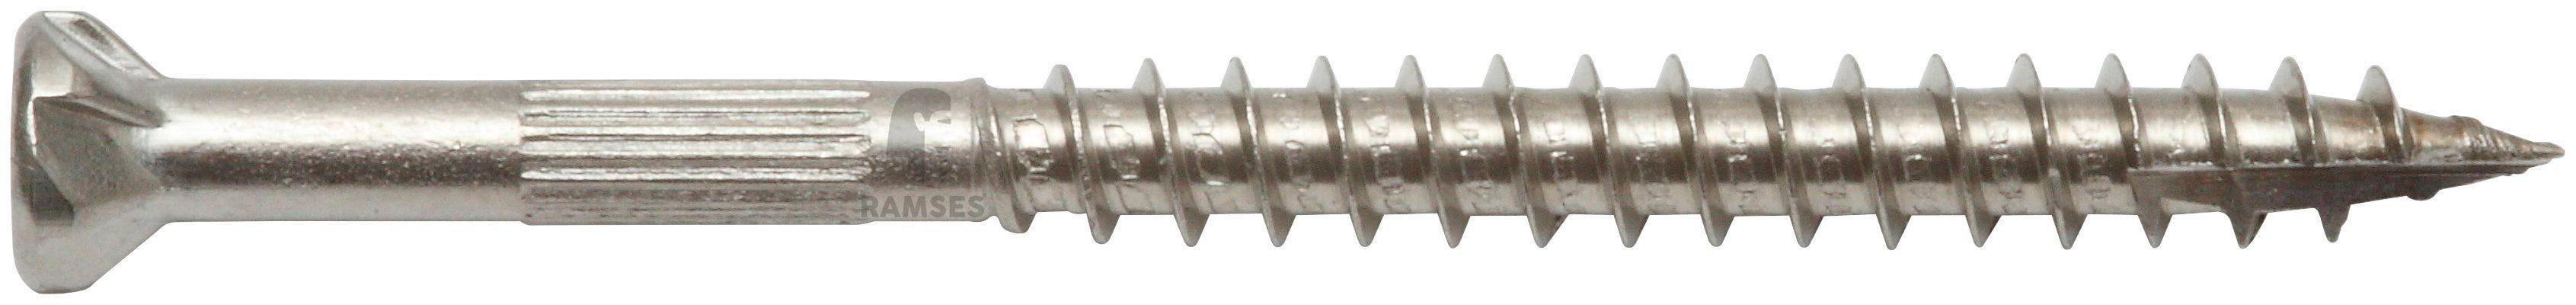 RAMSES Schrauben , Zaunschraube 4,5 x 50 mm mit Bit 150 Stk.